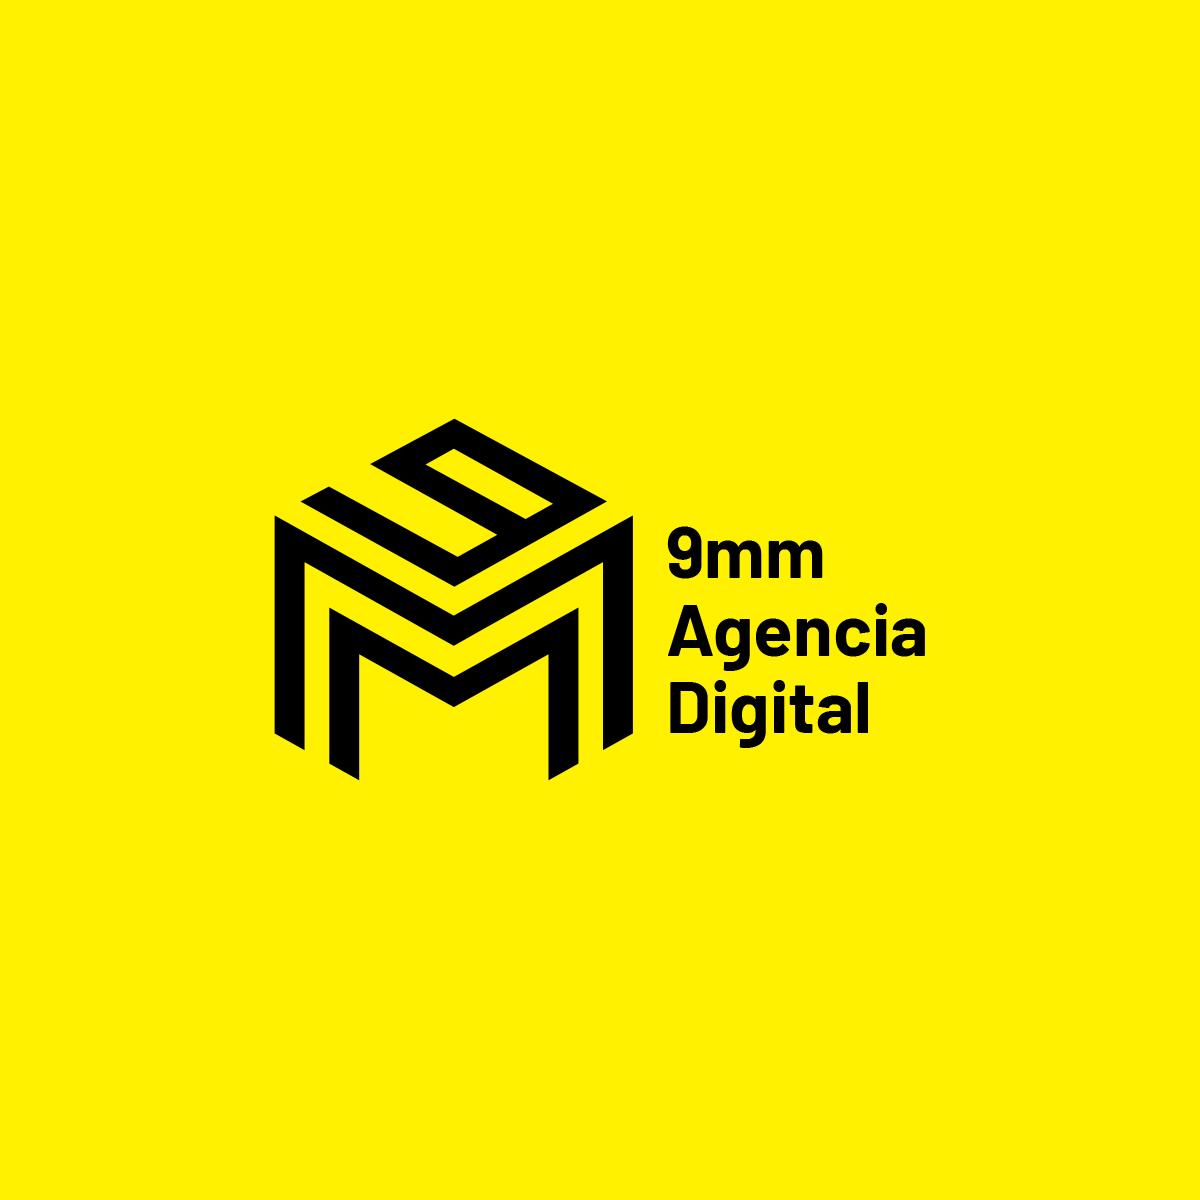 9mm Agencia digital